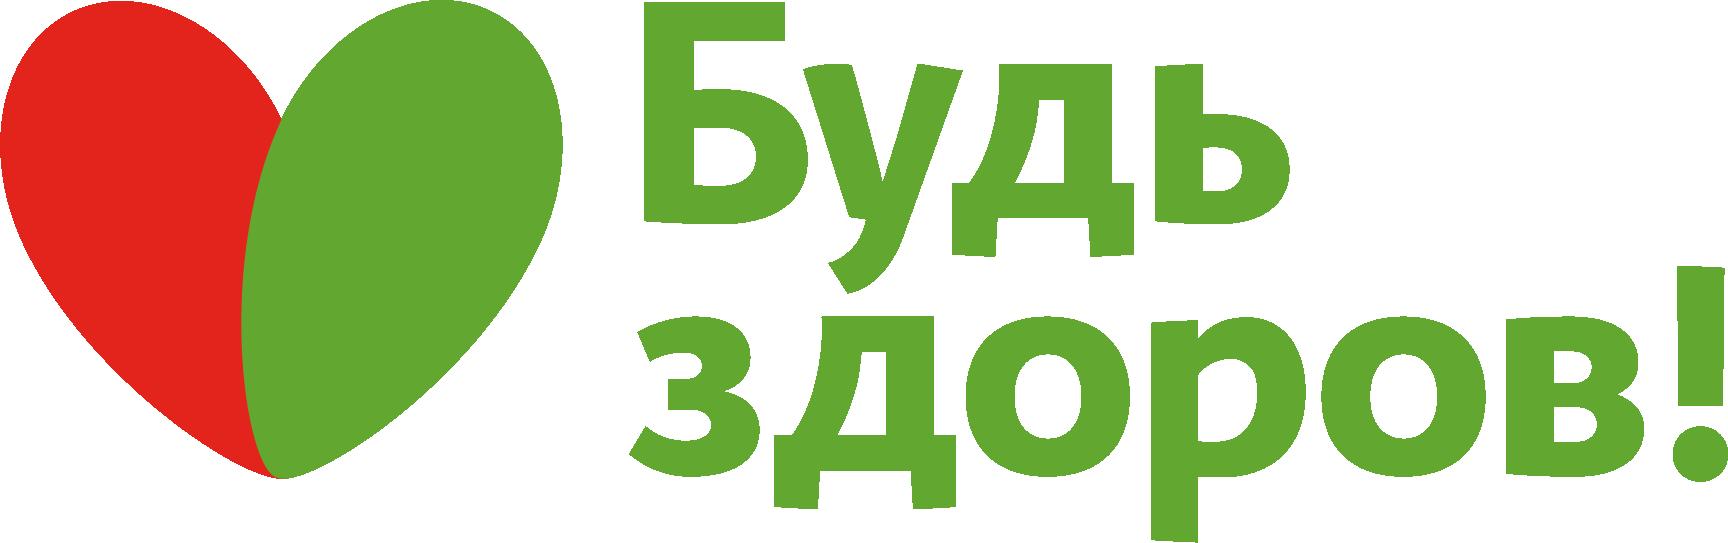 LOGO-Bud-Zdorov